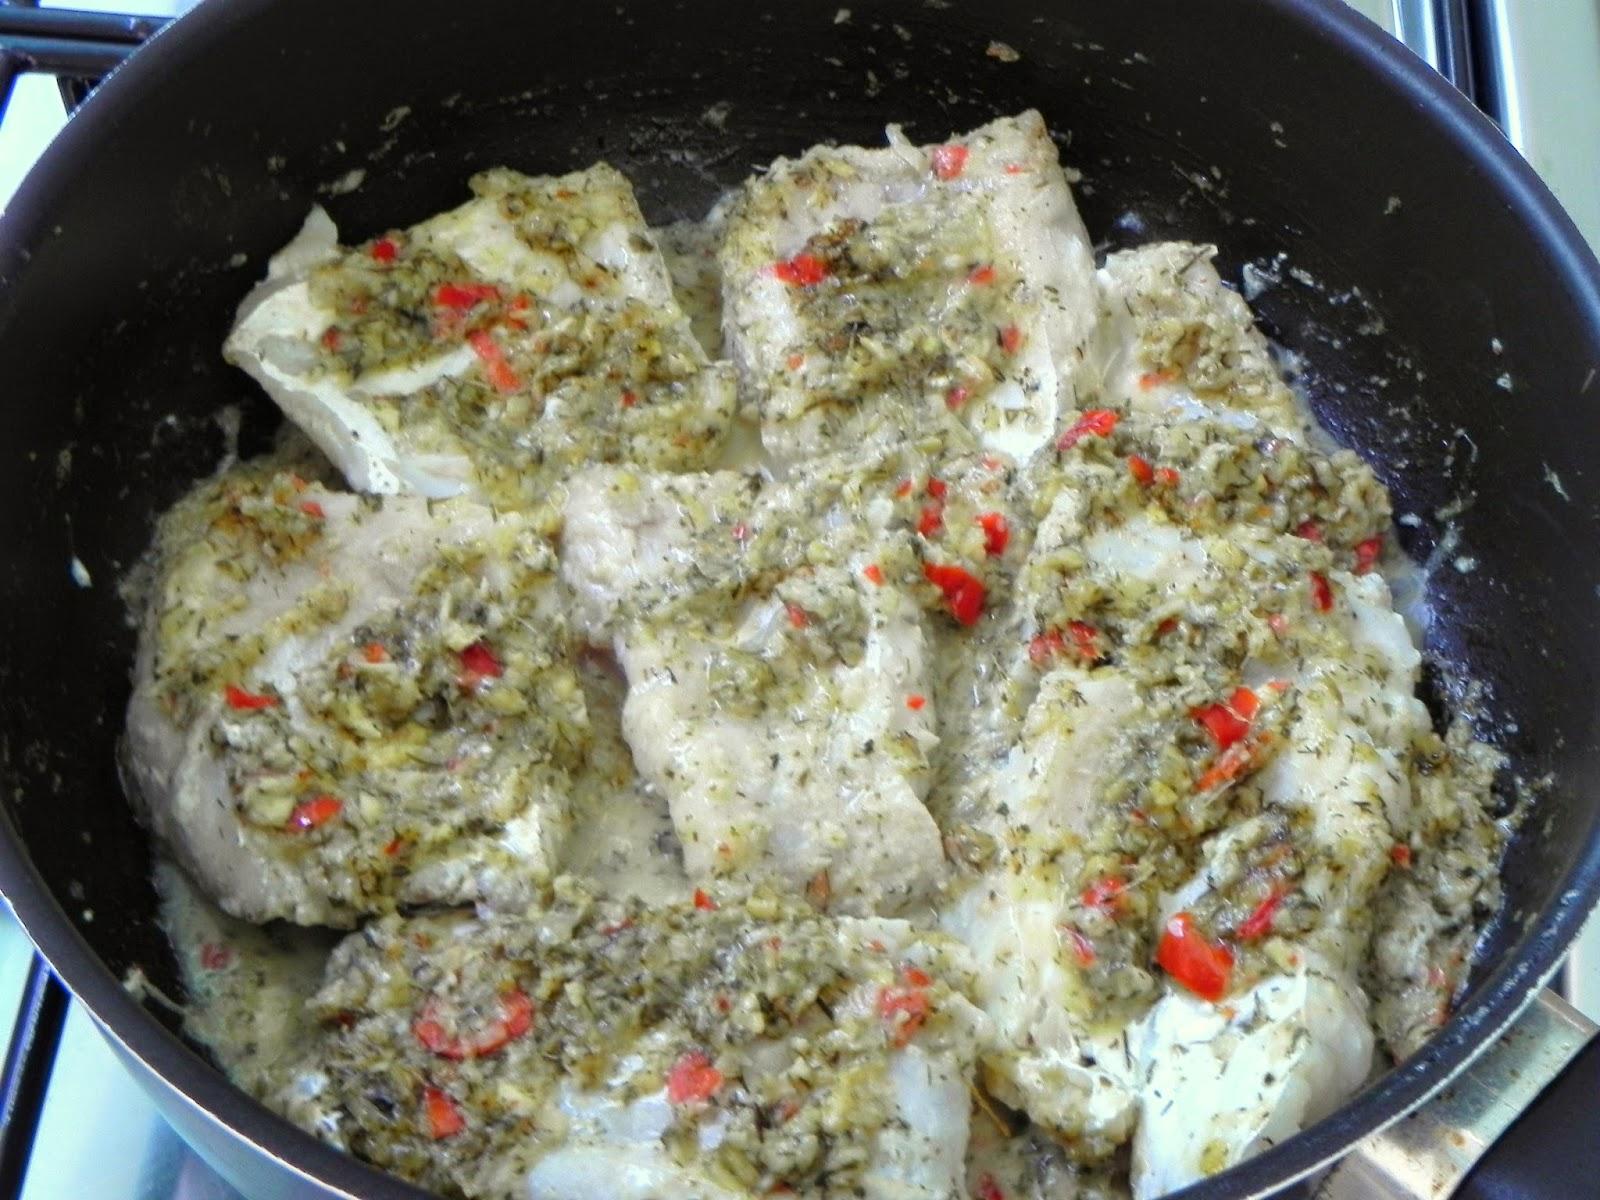 receita de peixe cozido